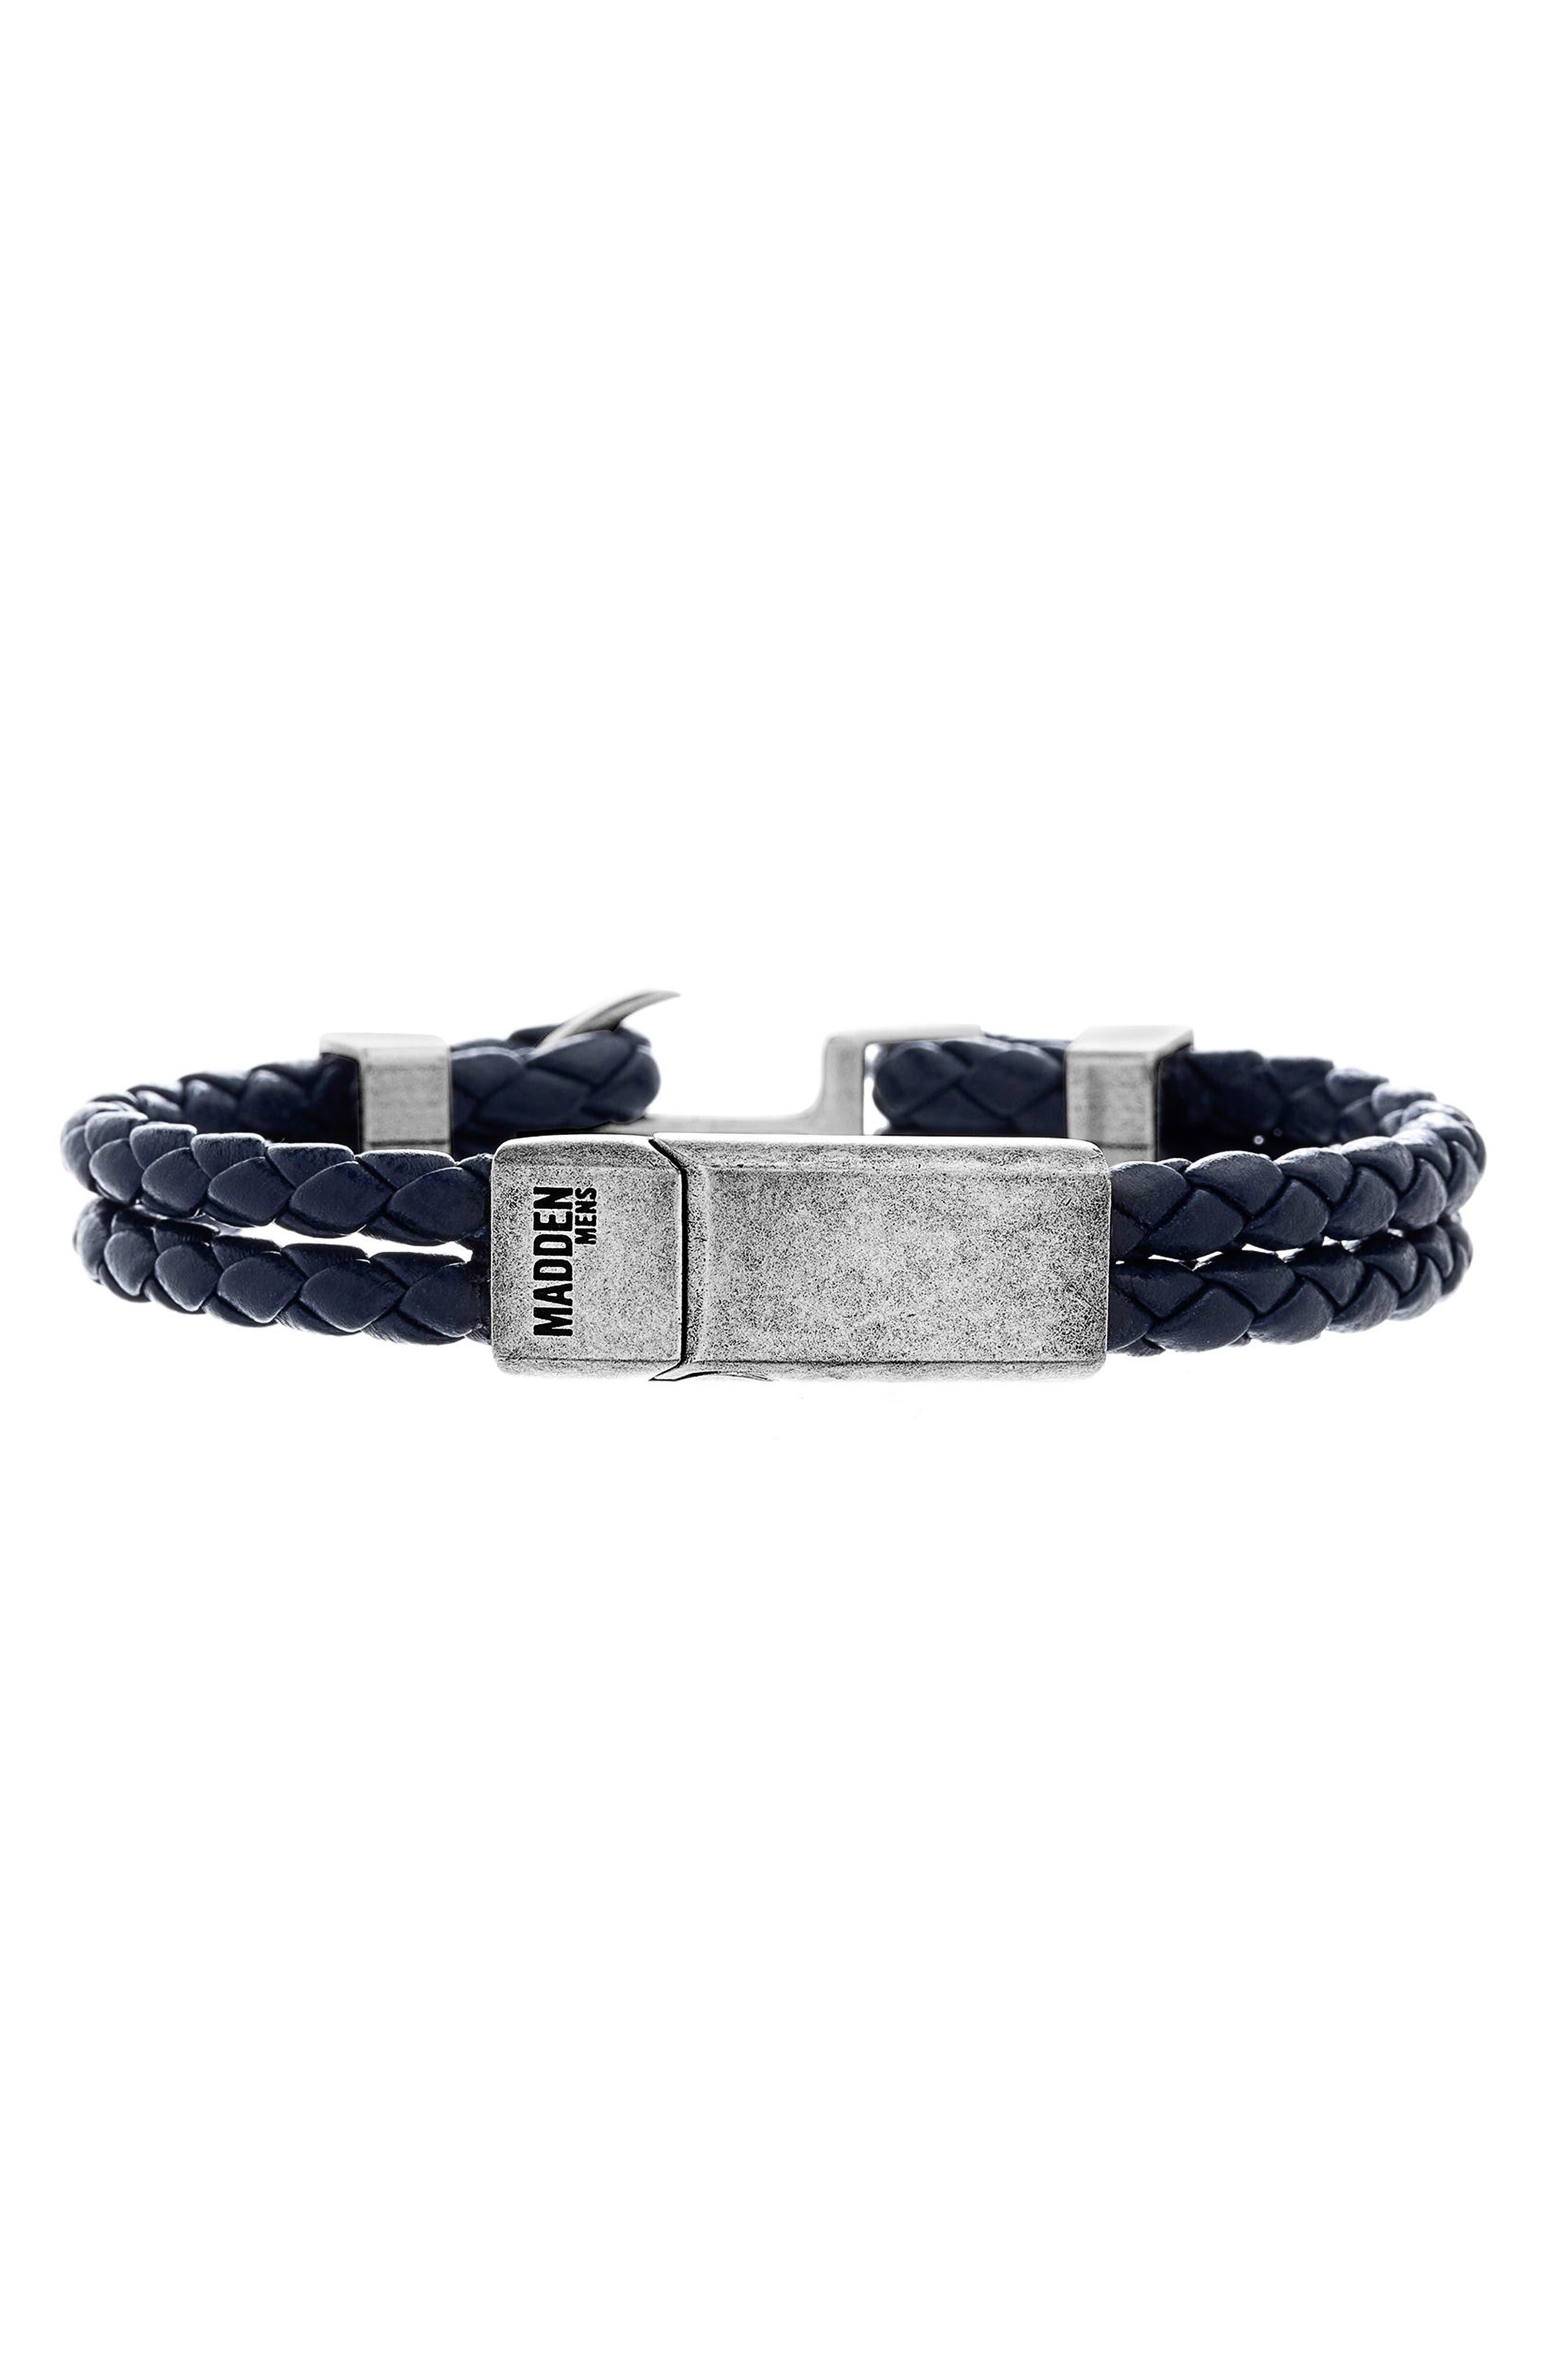 Steve Madden Braided Leather Bracelet